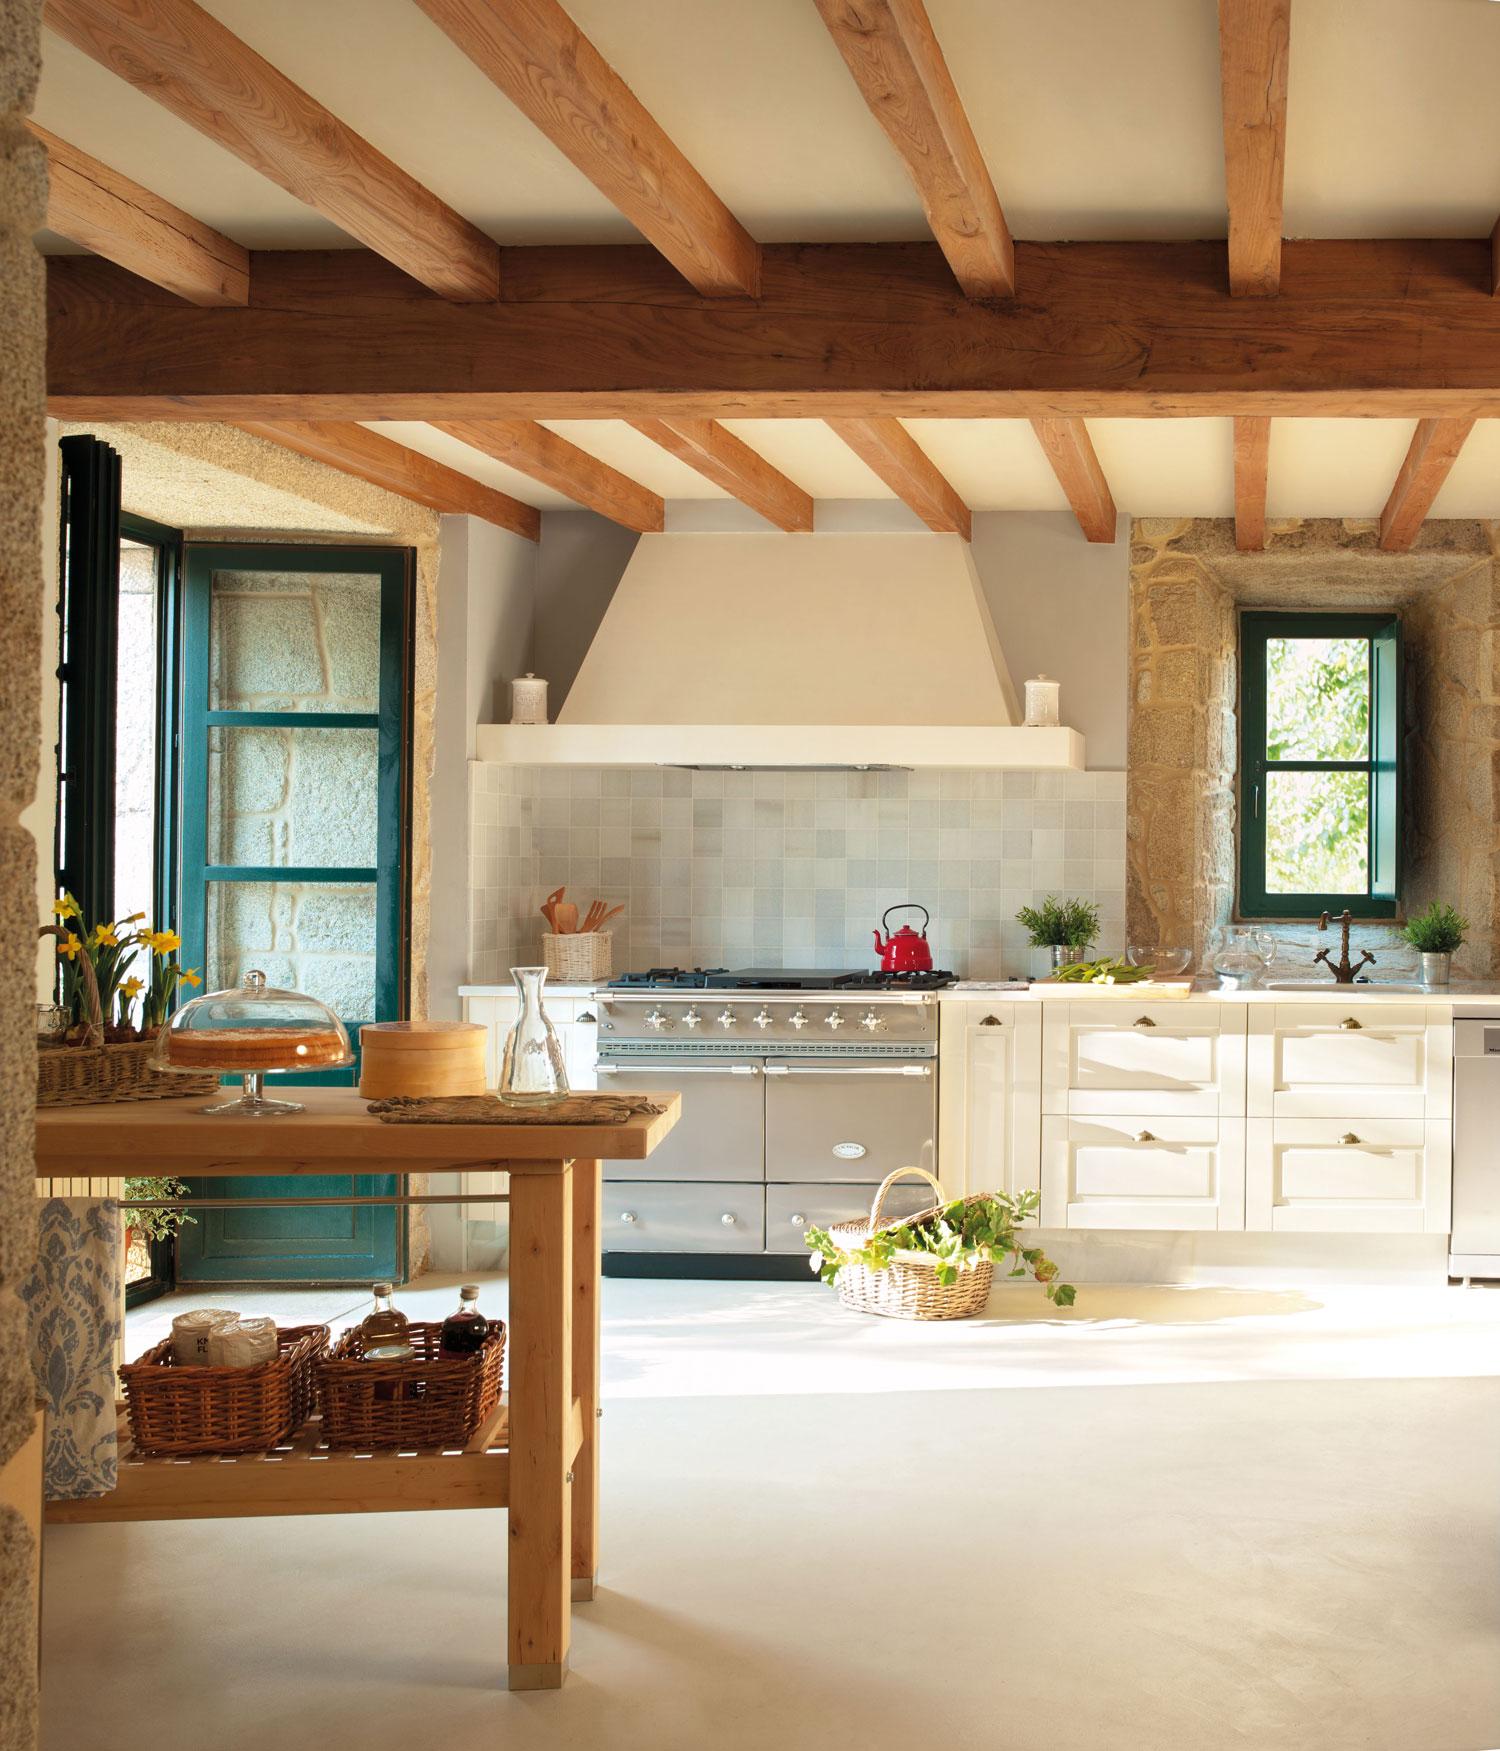 00315224. Amplia cocina blanca con vigas de madera y una mesa auxiliar para desayunos_00315224